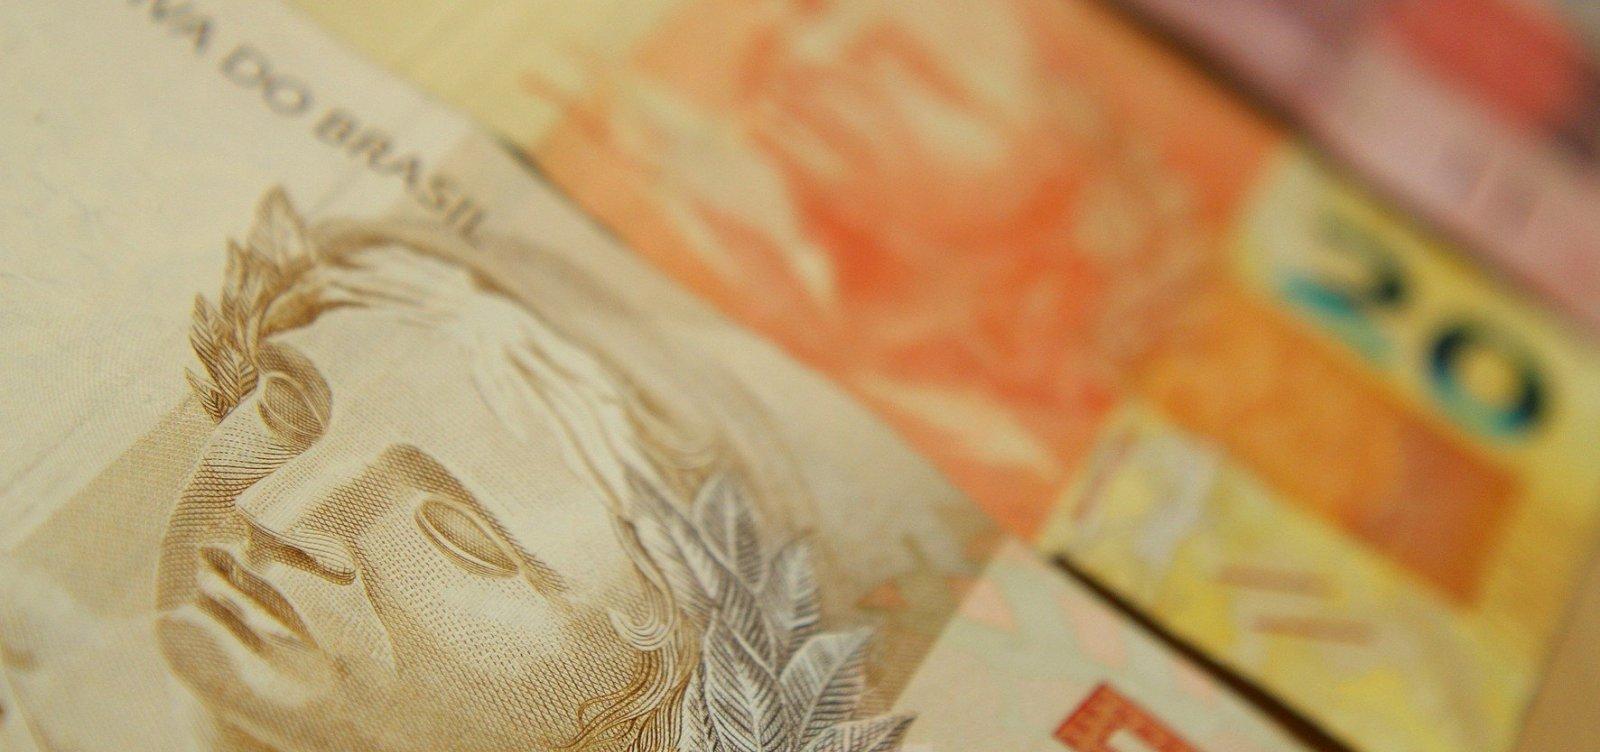 [Mais de 370 mil baianos têm direito a sacar R$ 631 milhões de cotas do PIS]